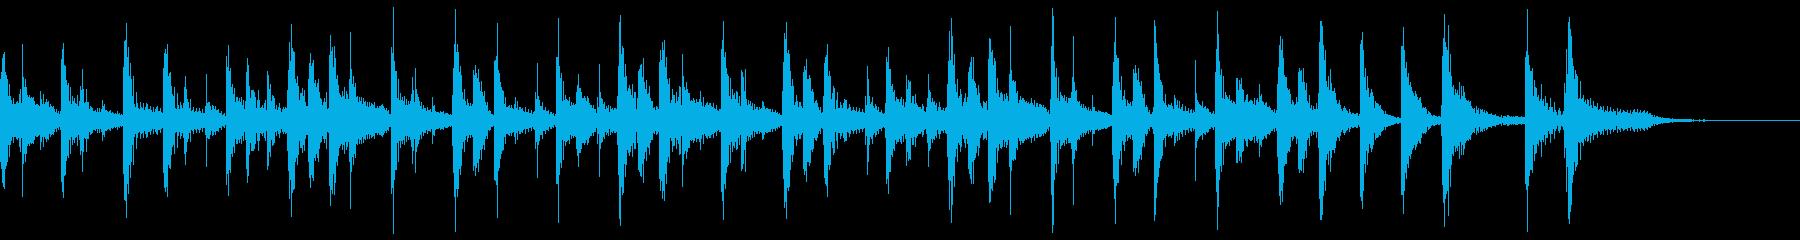 コンサルサ、スローテンポ、ベース、...の再生済みの波形